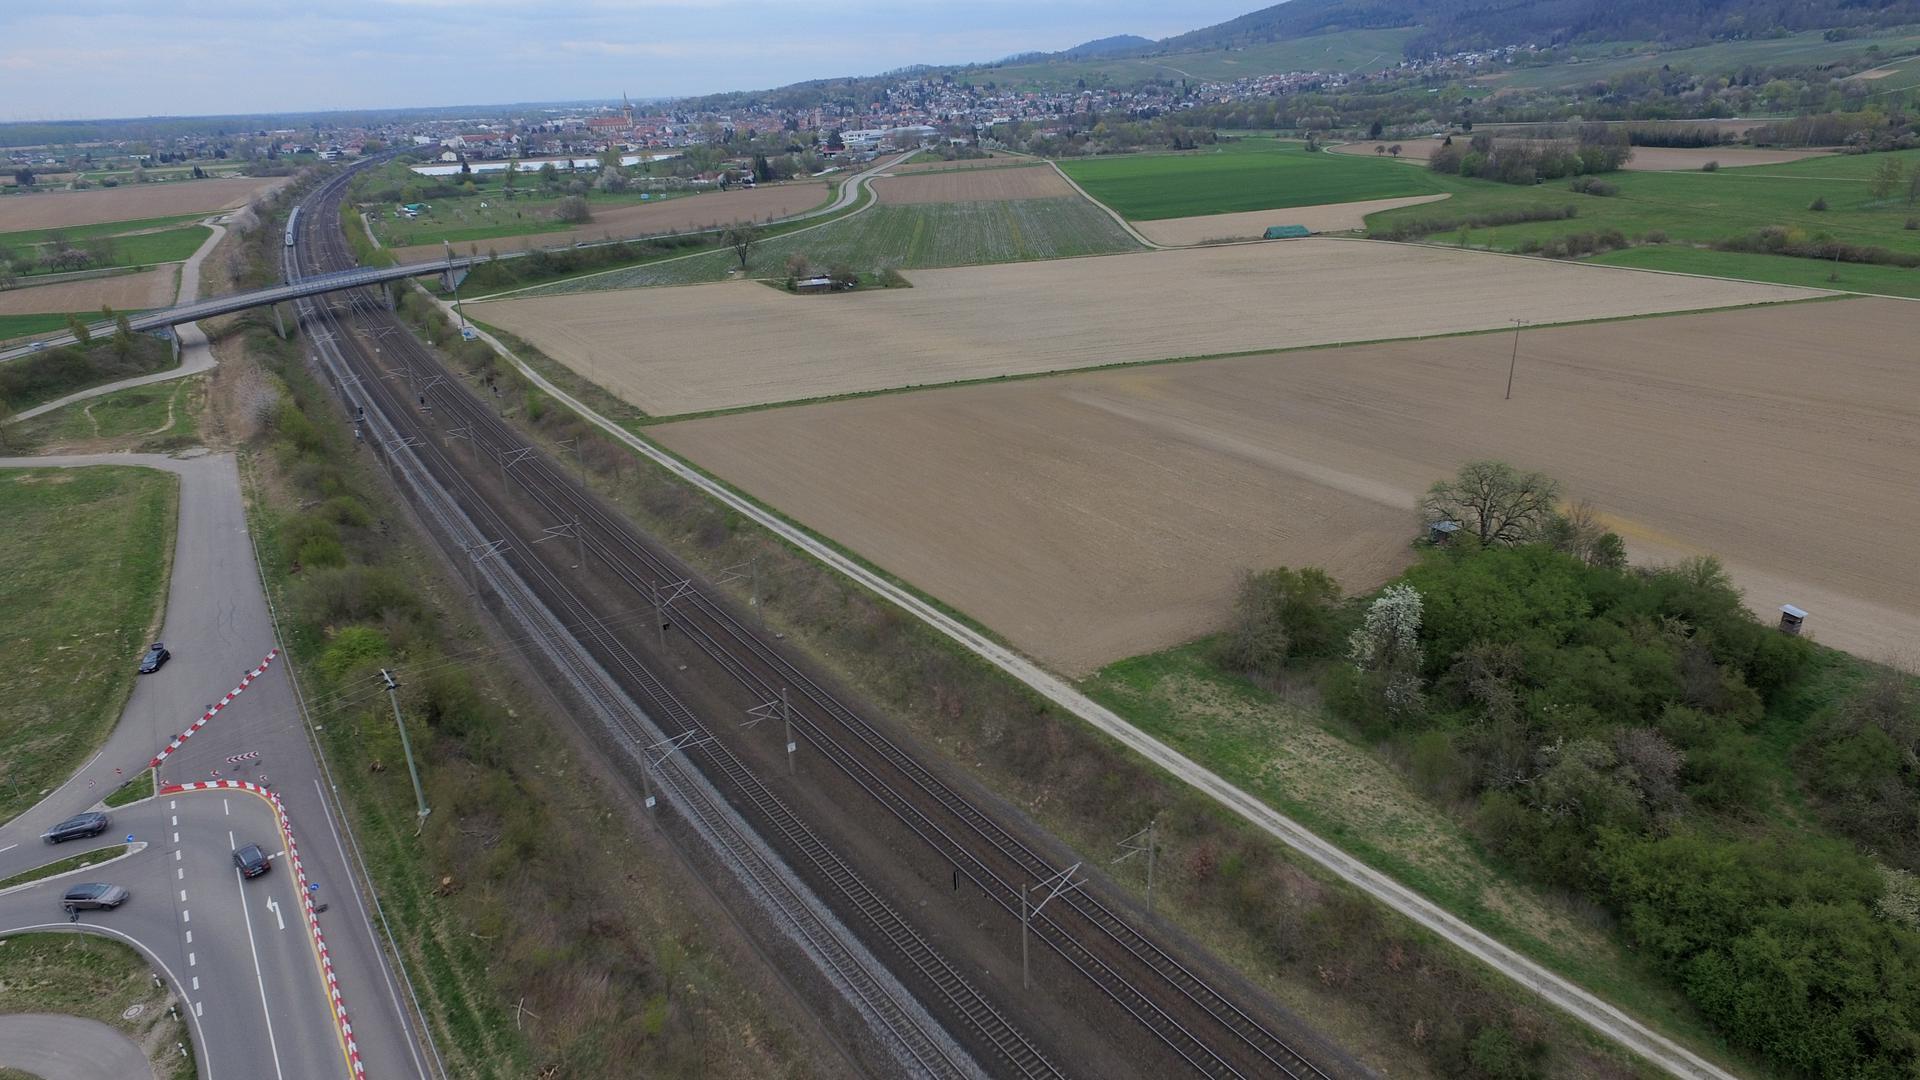 Auf dem freien Feld: Der Standort der geplanten Biogasanlage befindet sich am oberen Ende des dunklen Feldes unweit der Bahntrasse und B3 neu.